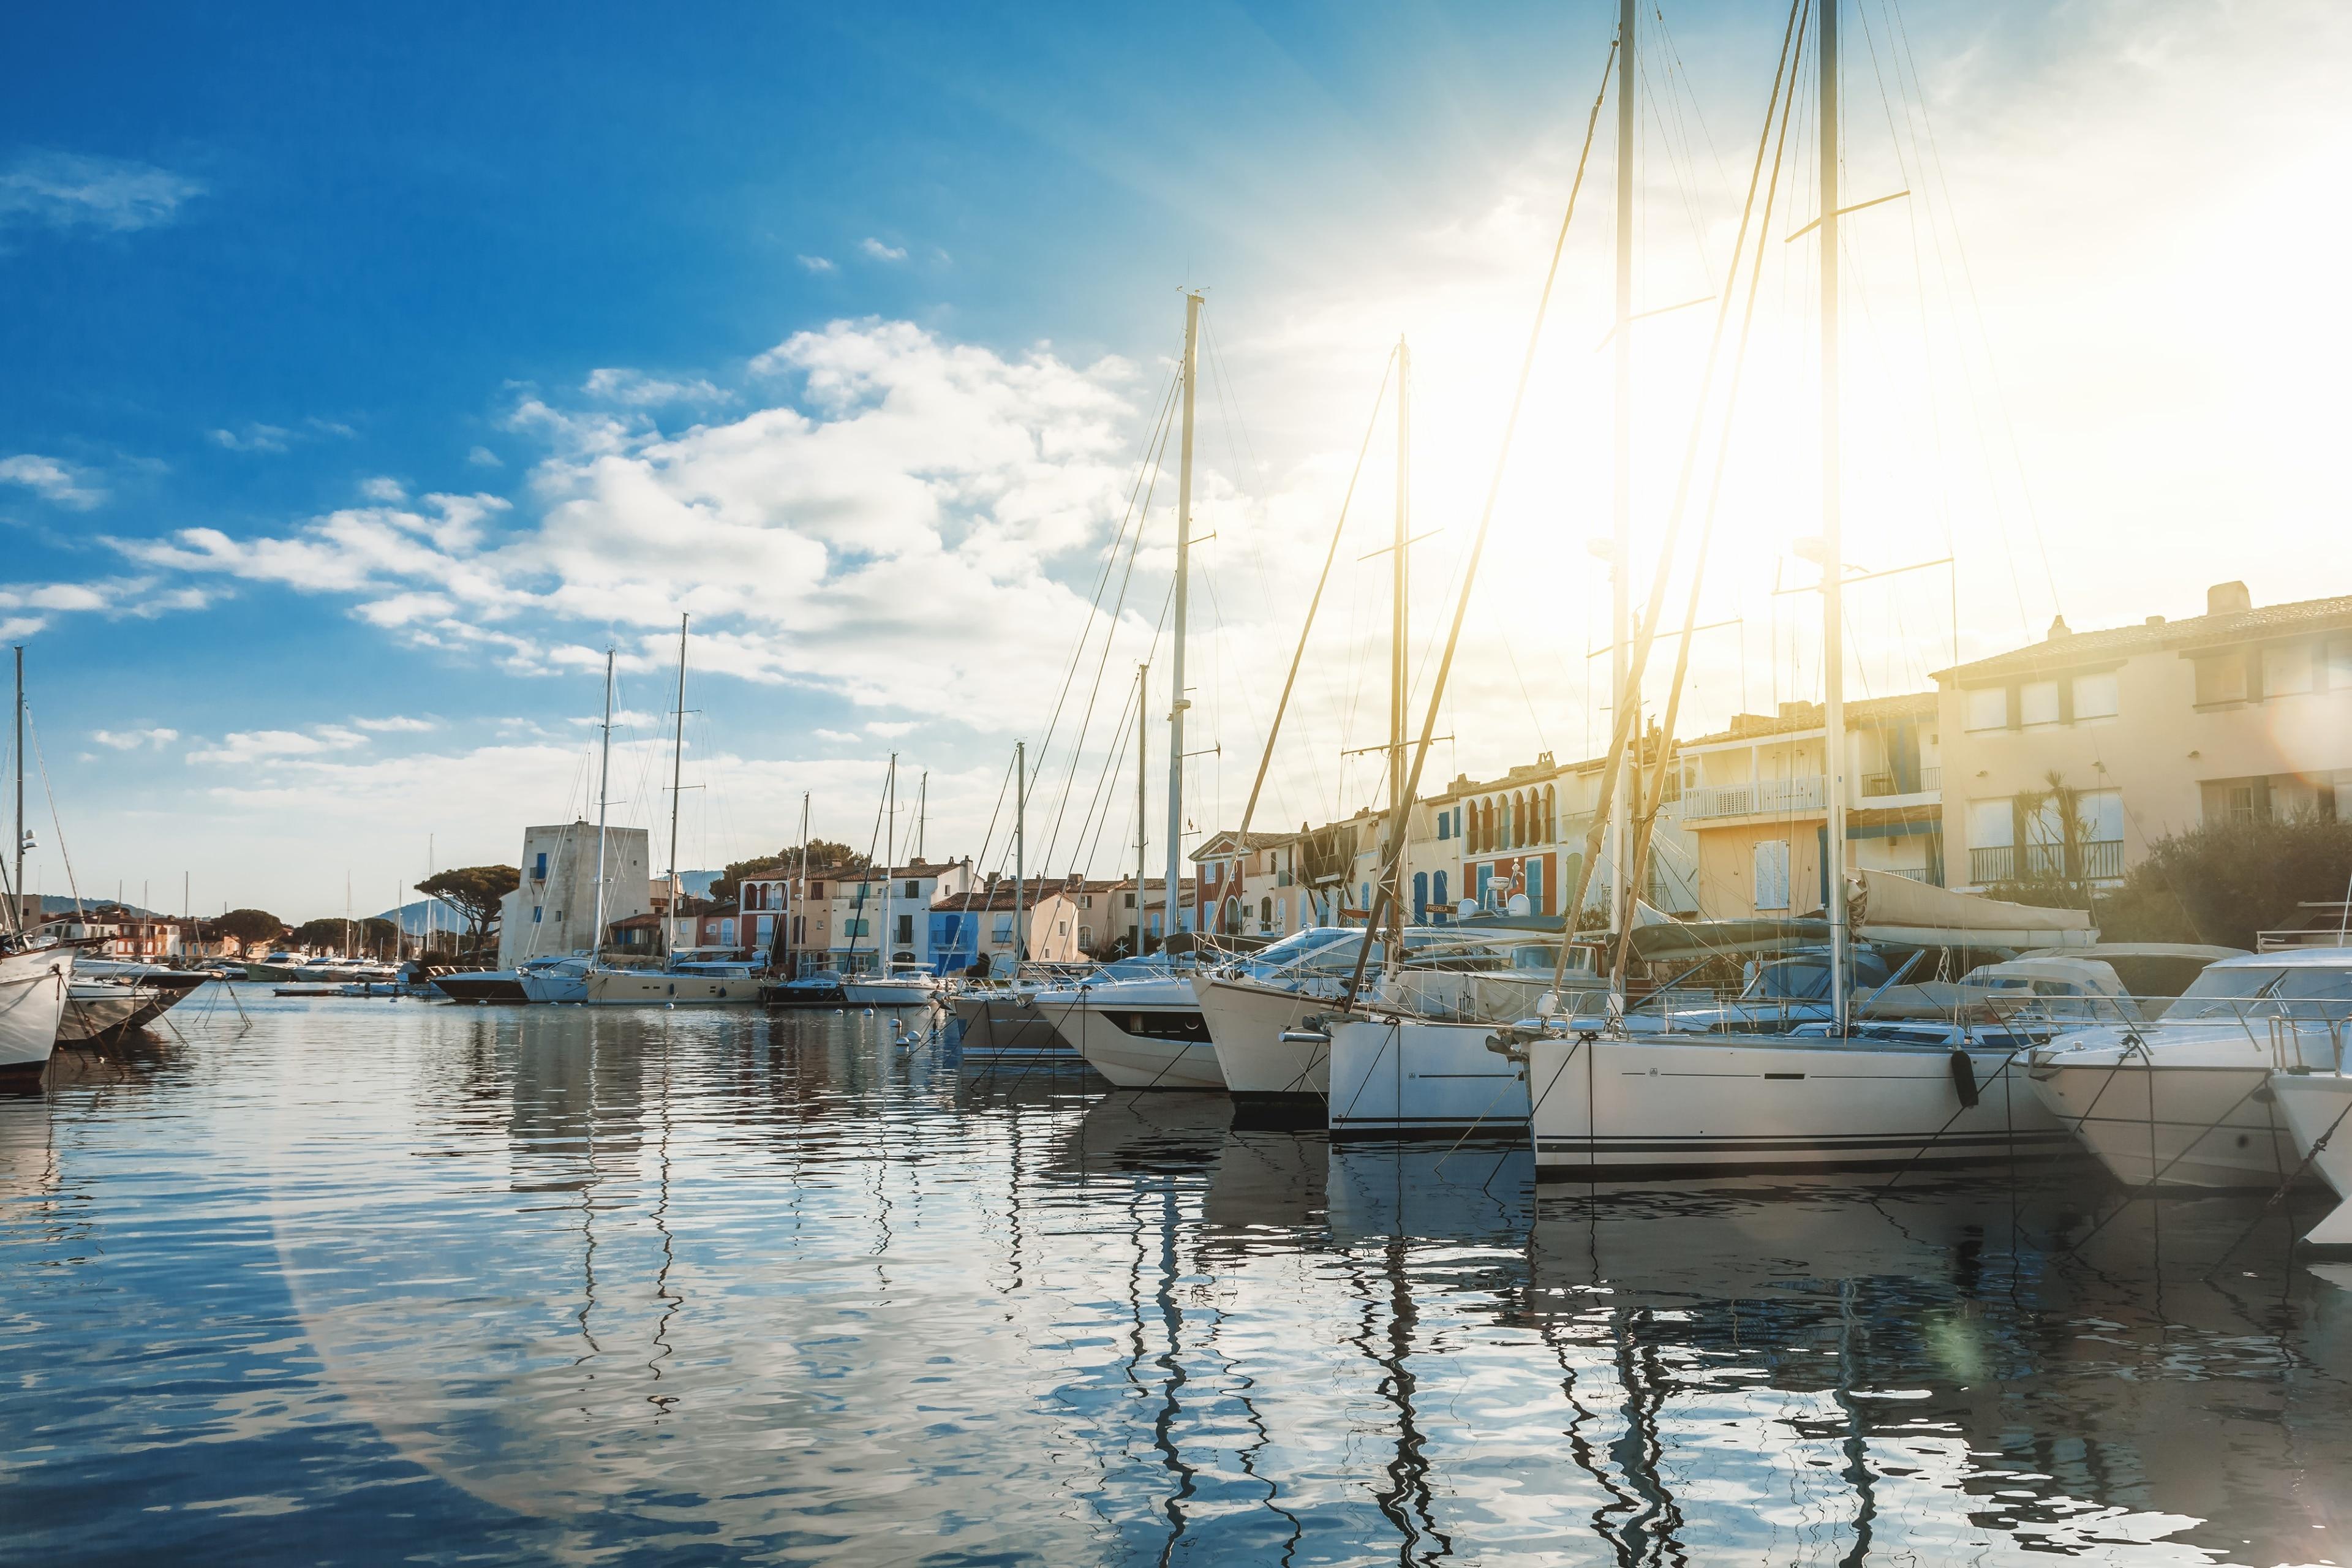 Port Grimaud, Grimaud, Var, France